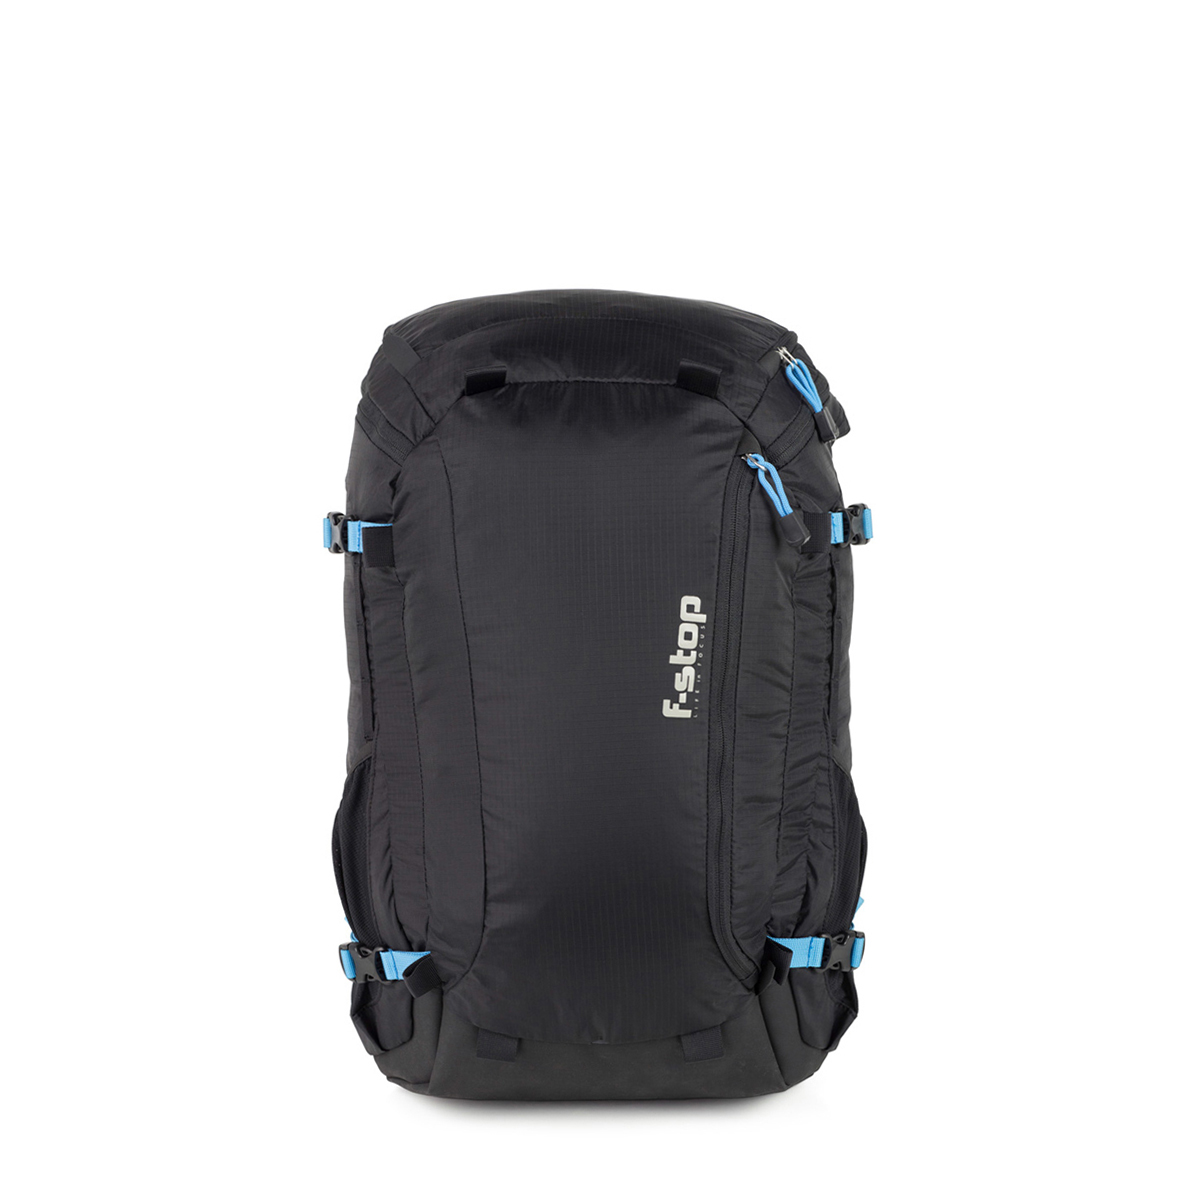 KASHMIR UL - 30 Liter Backpack